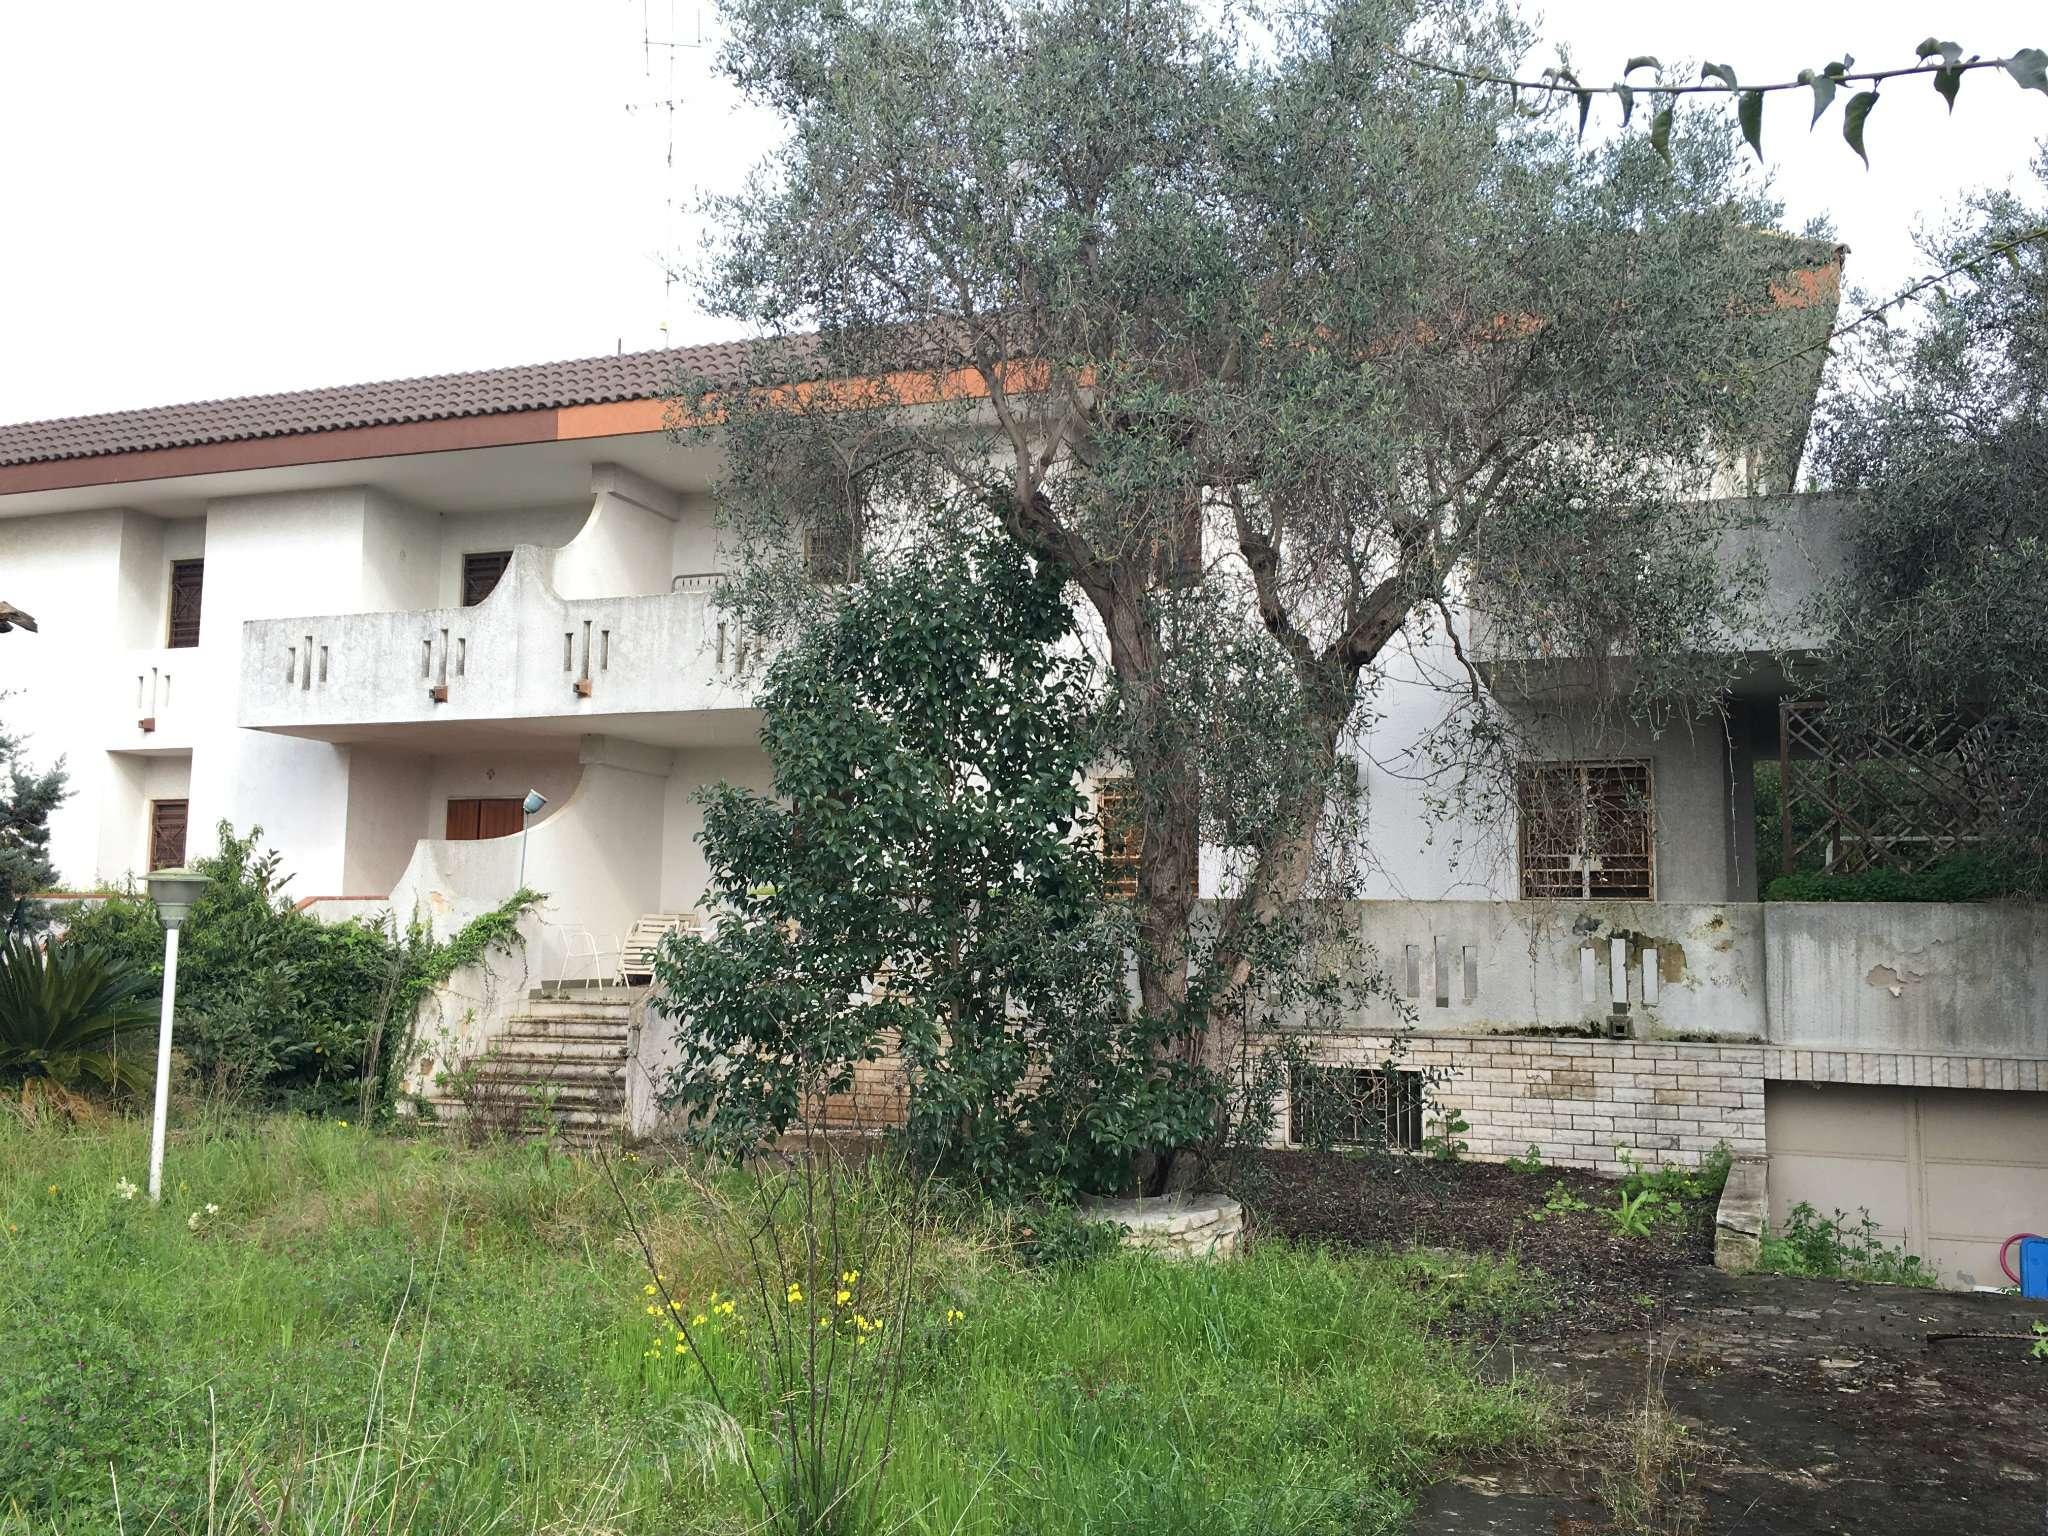 Villa in vendita a Bari, 7 locali, prezzo € 390.000 | Cambio Casa.it